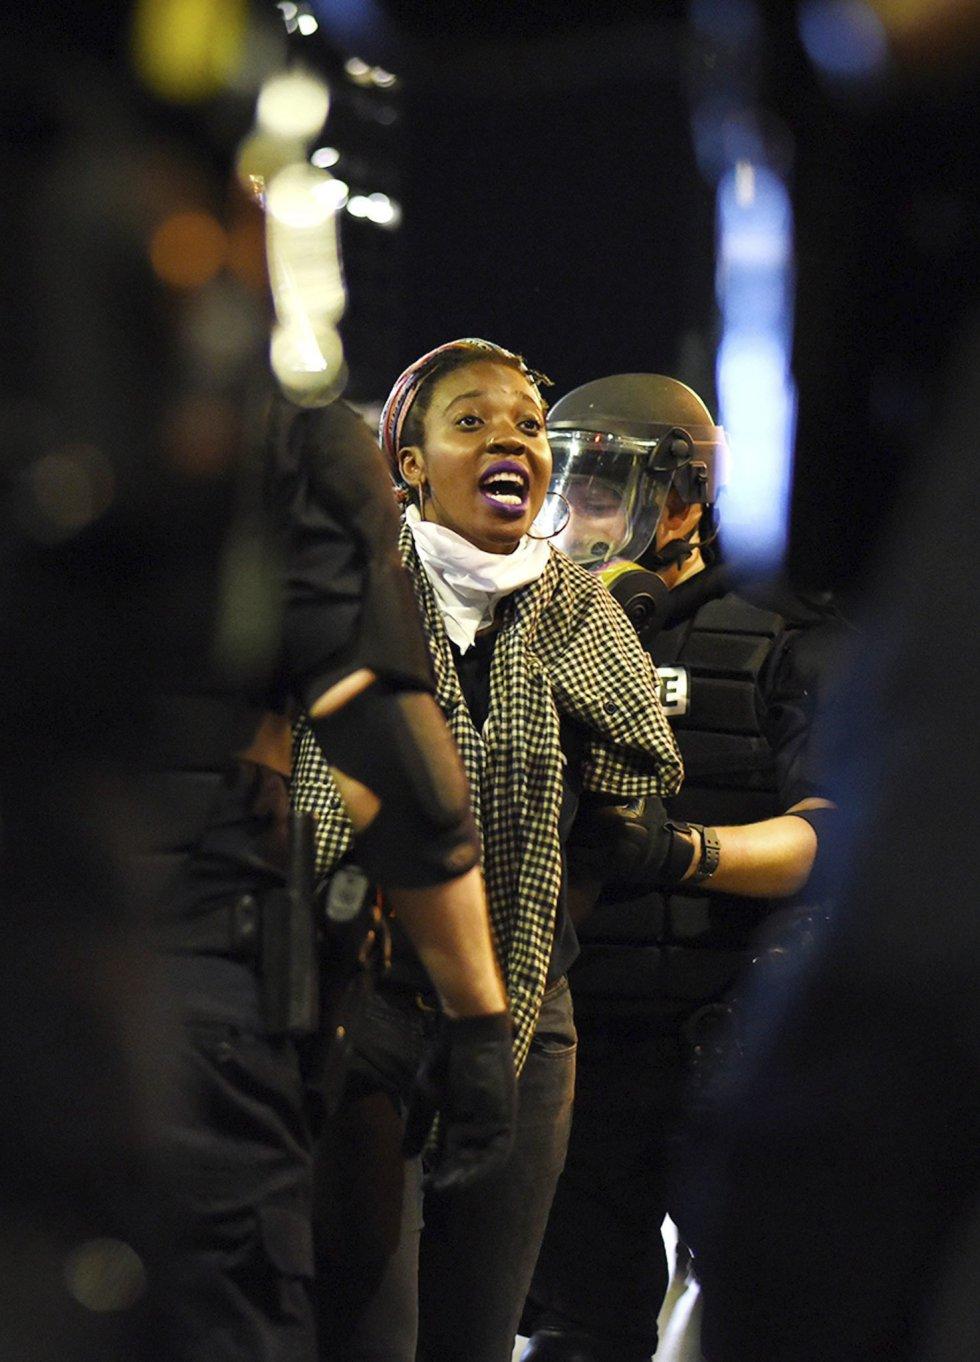 Una manifestante grita a policías antidisturbios durante unos enfrentamientos en Charlotte en Carolina del Norte (Estados Unidos).